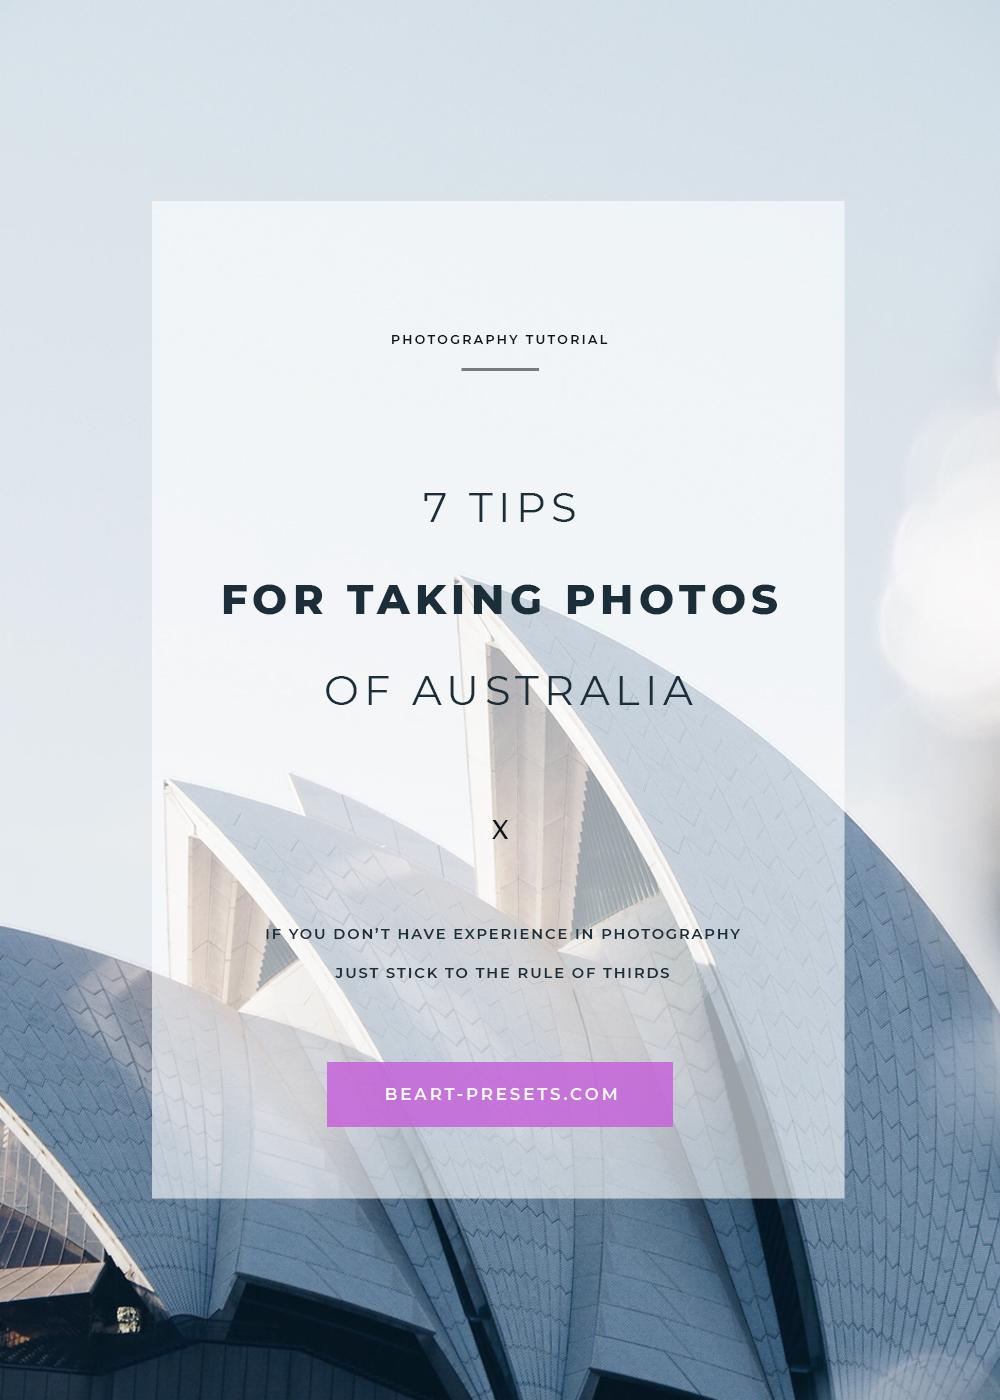 tips for taking photos of Australia